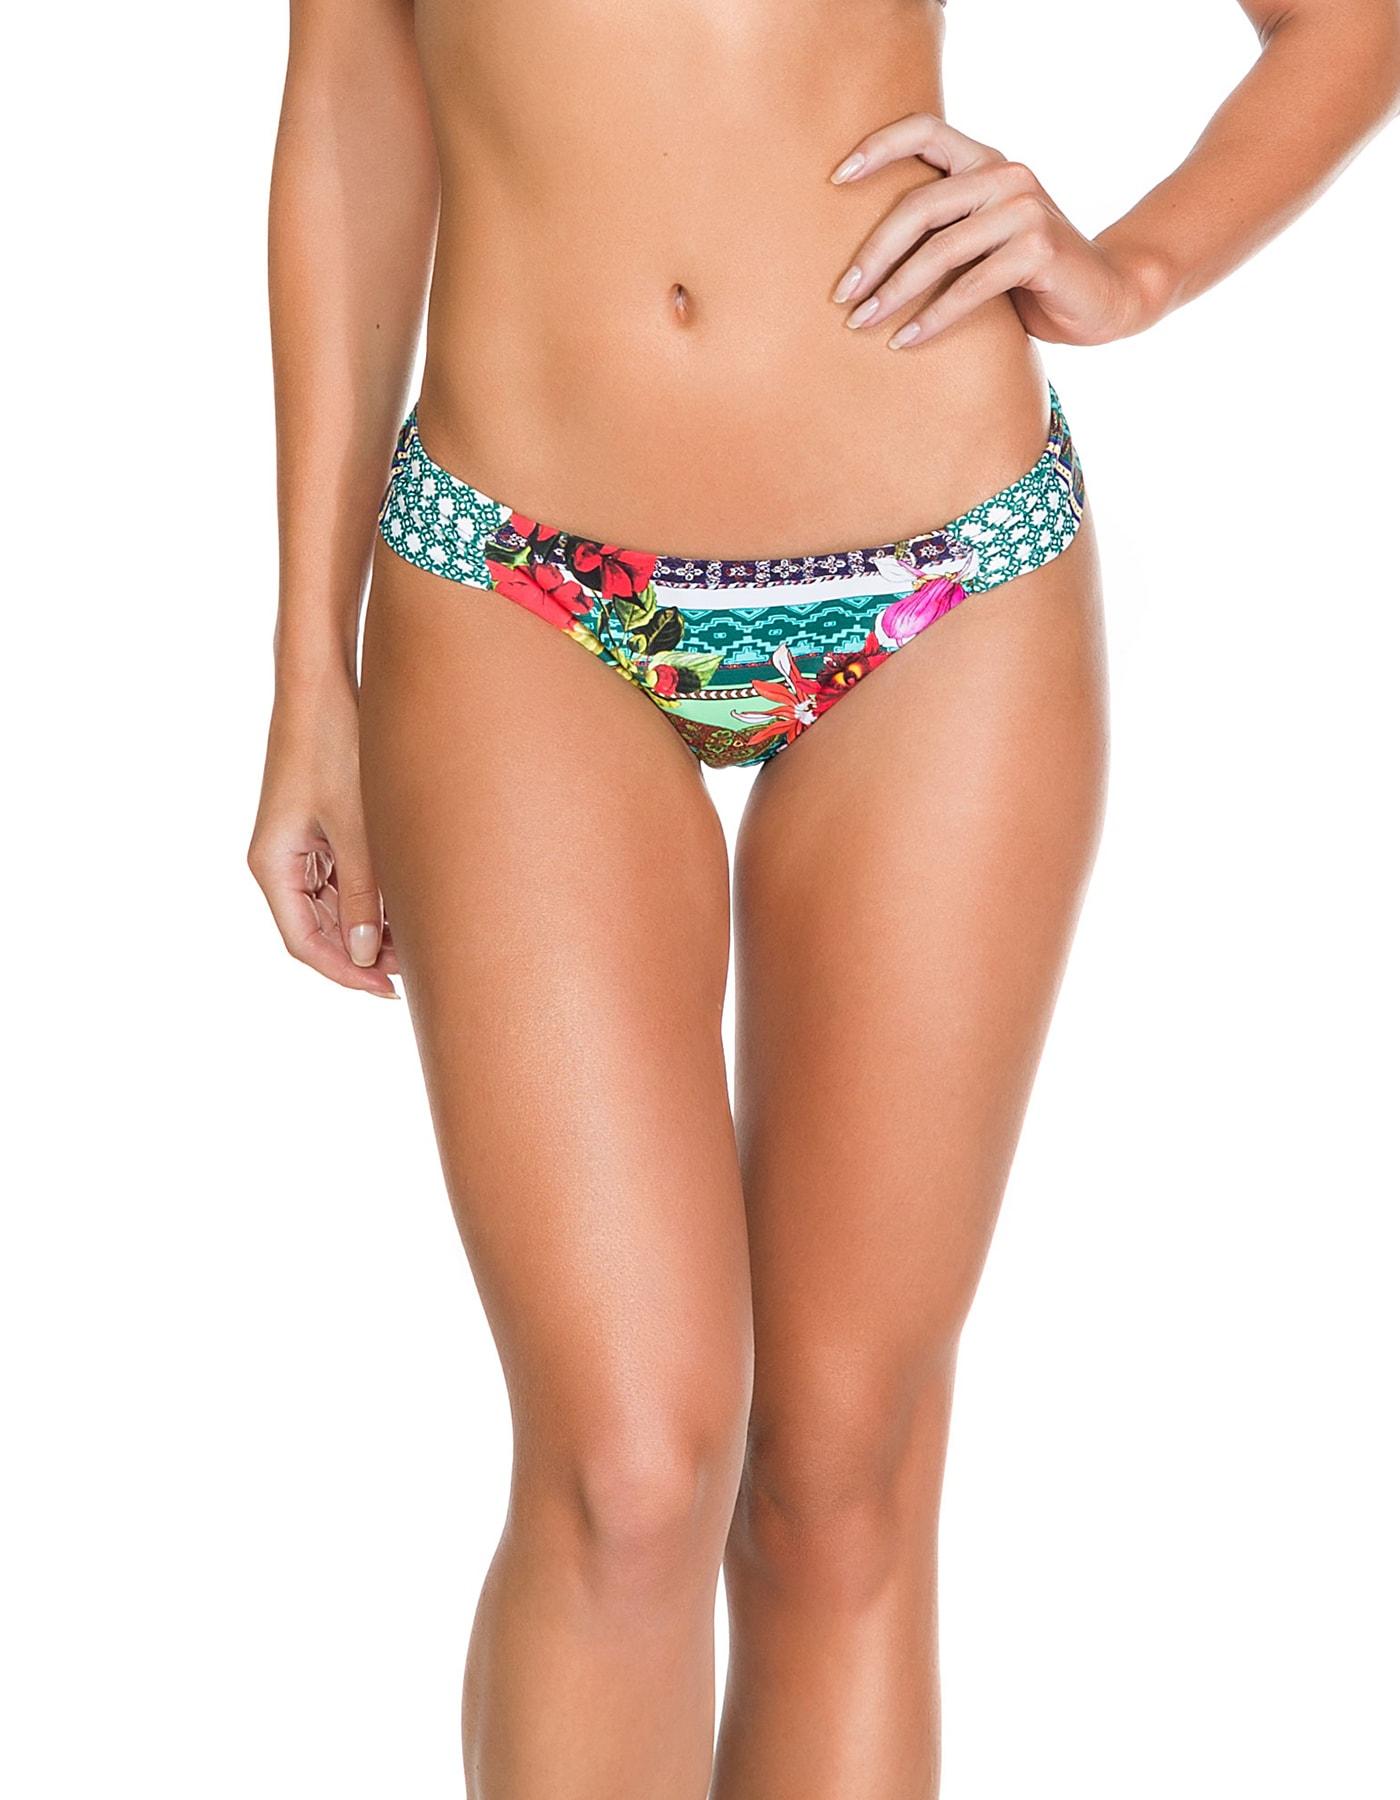 Braguita Bikini tanga estampado flores, reversible y drapeado | 700